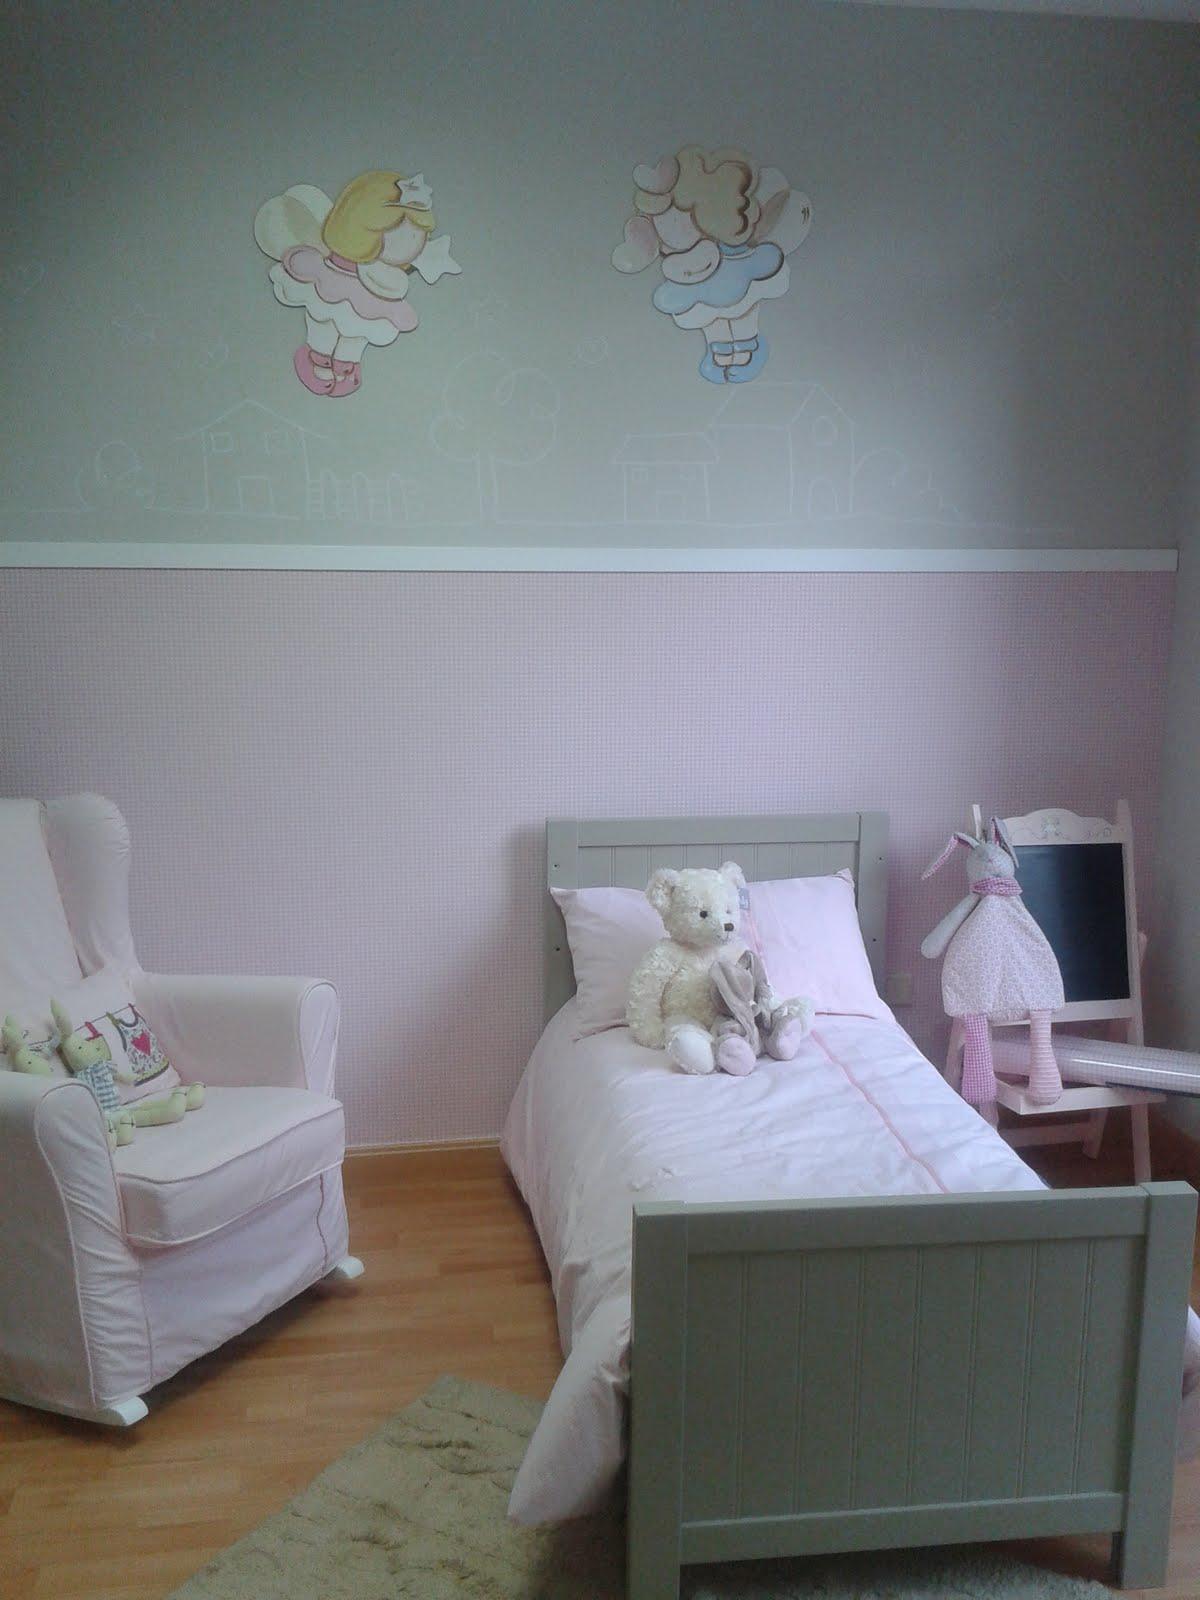 Deco Chambre B B D Coration Pour La Chambre D 39 Une Petite Fille Avec Une Peinture Murale Et Des